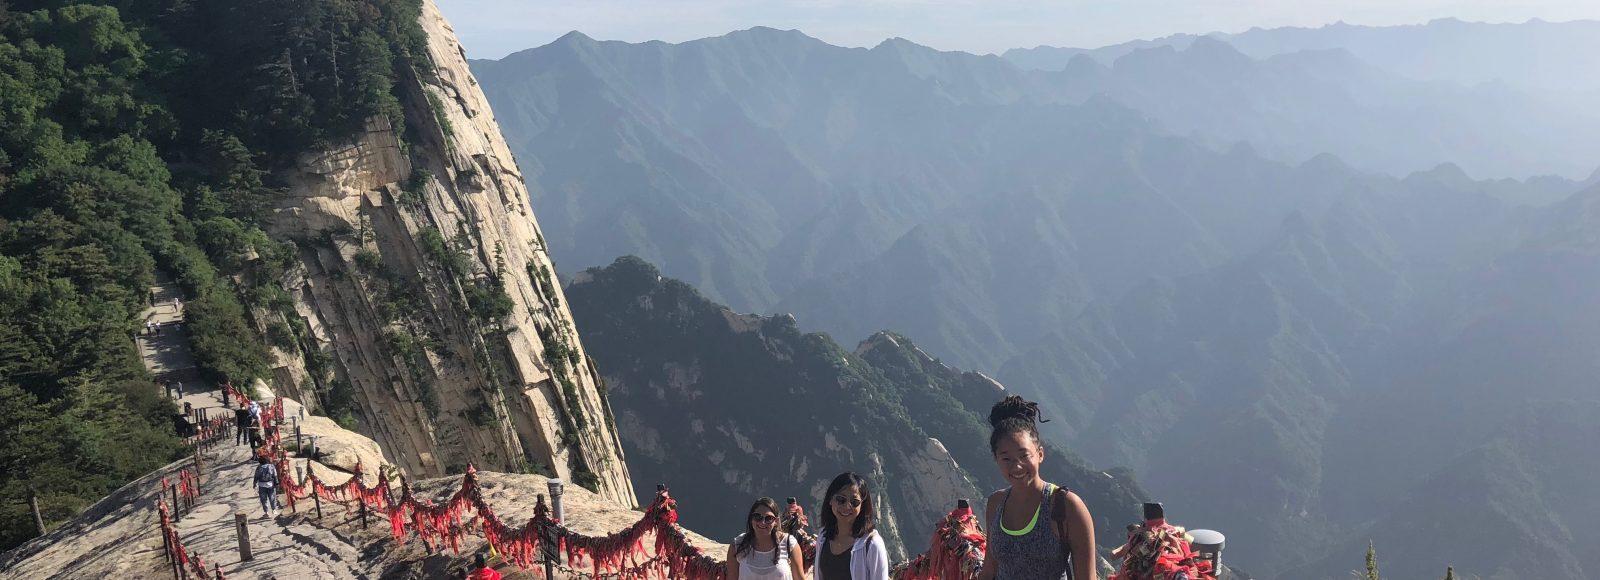 Hikinh Hua Mountain, China.